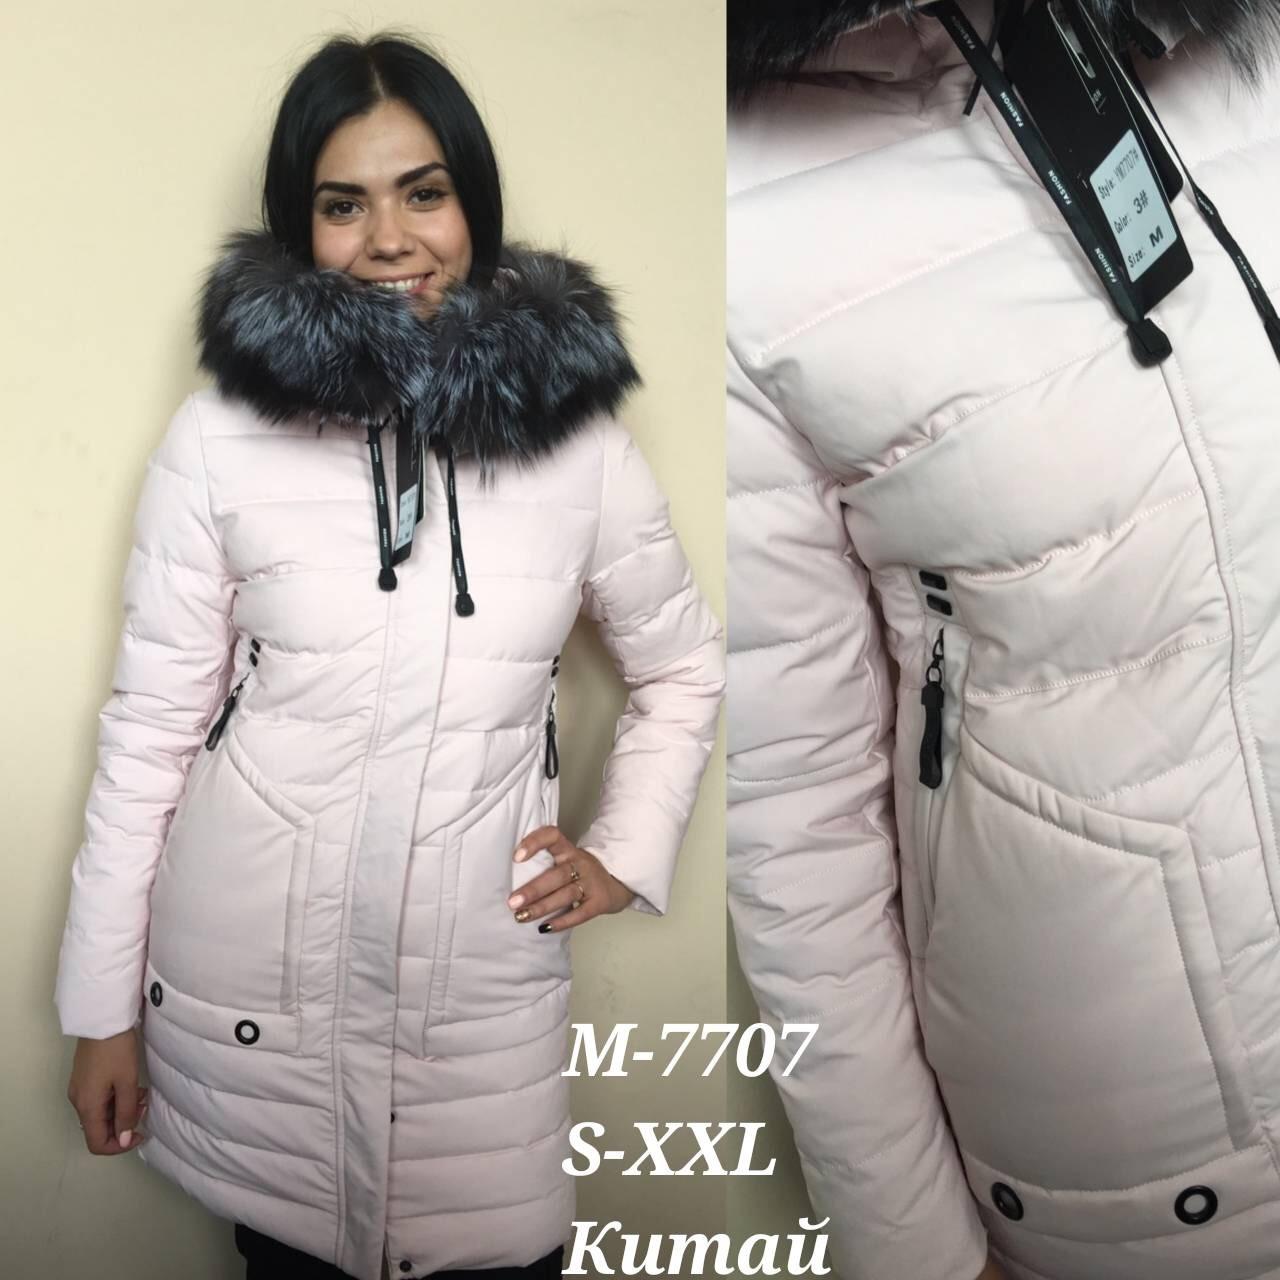 d10be9d0b25 Зимняя женская стеганая куртка с натуральным мехом песец - Интернет-магазин  Нолвит в Харькове